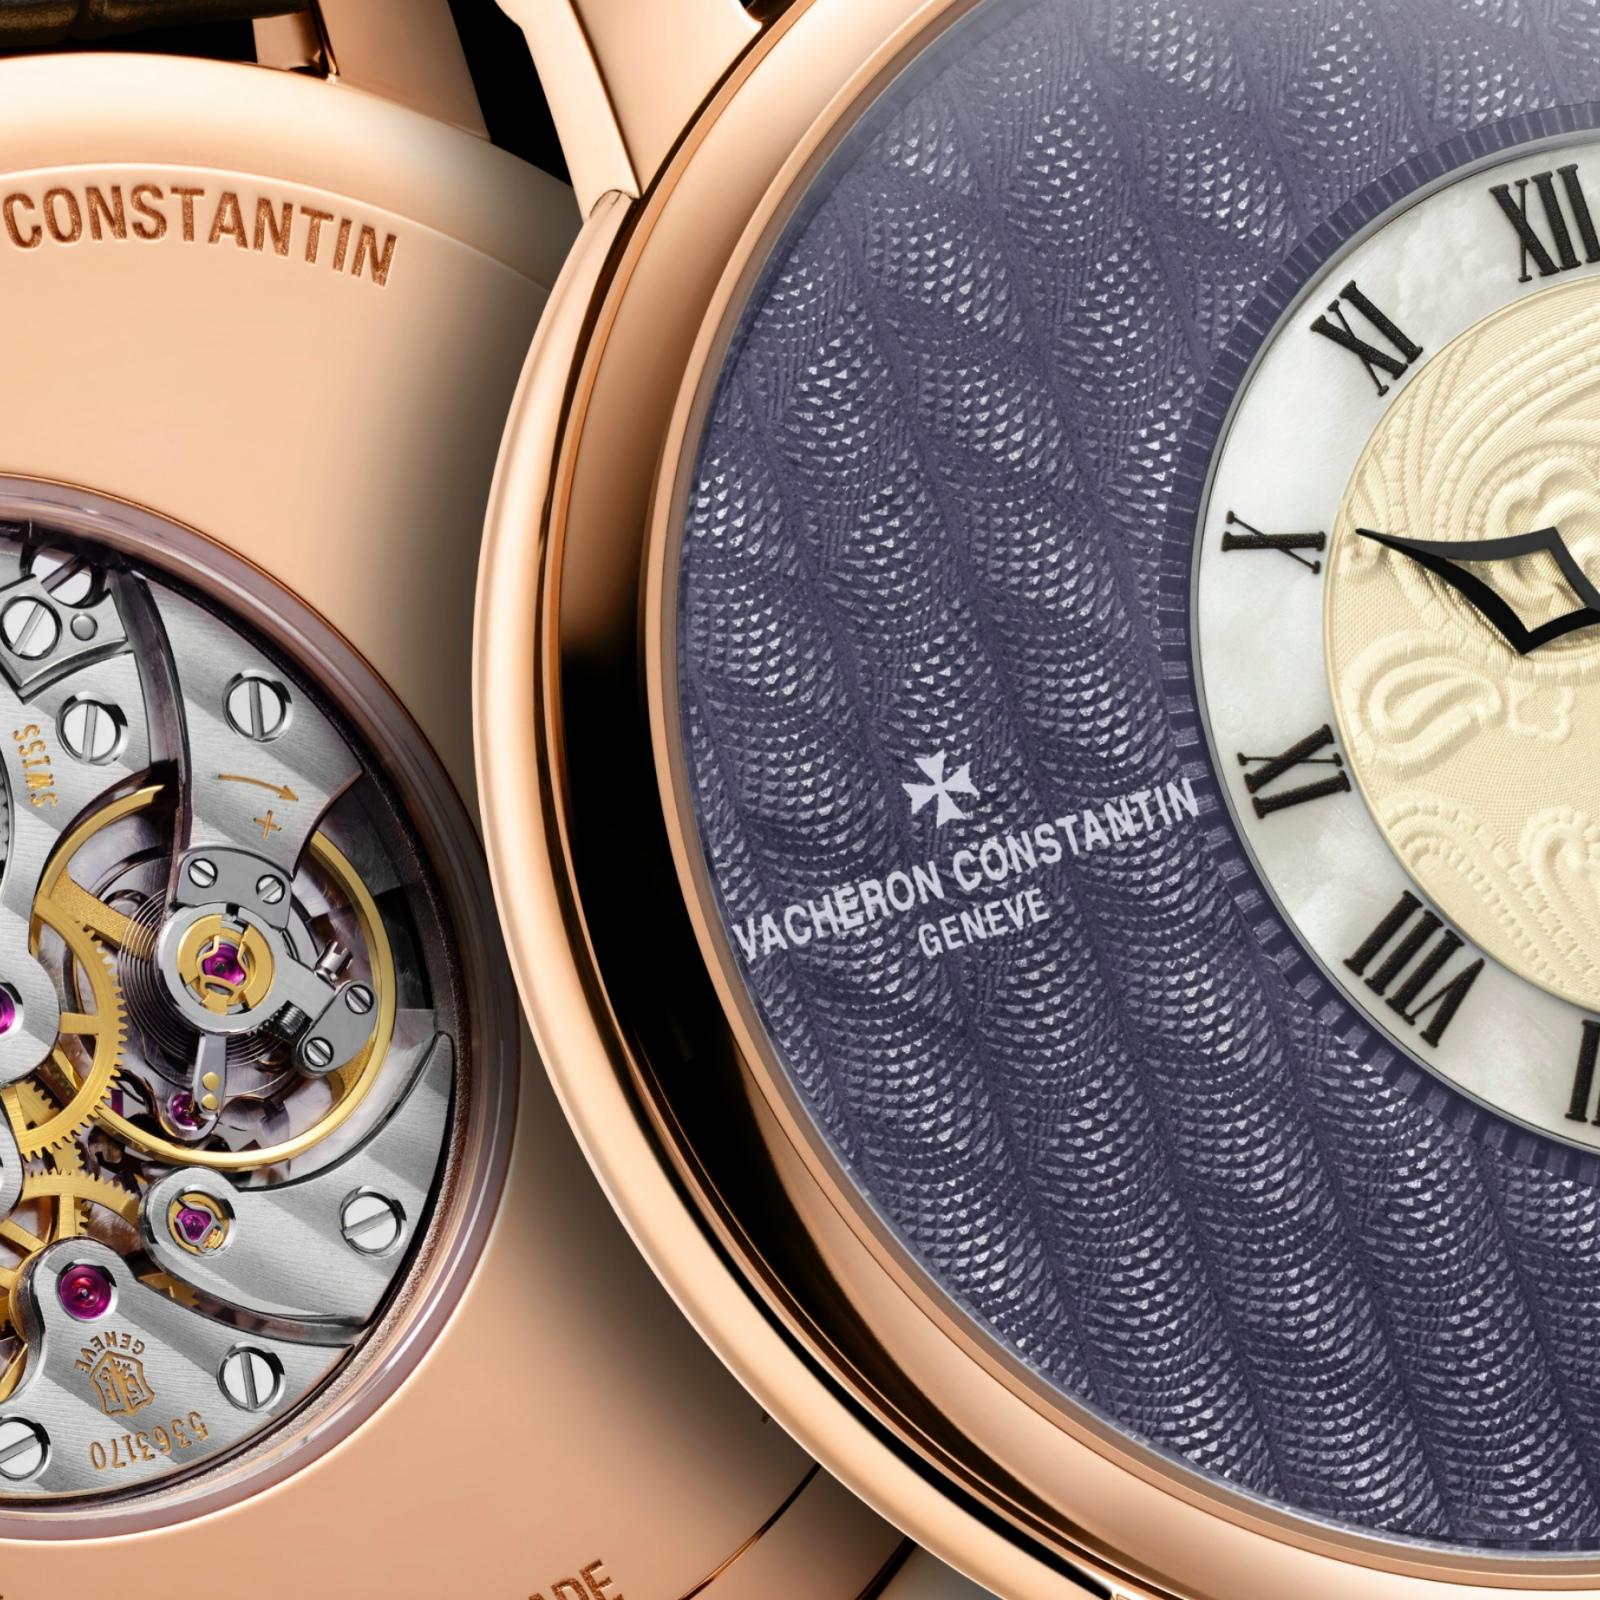 Replica Vacheron Constantin Watches UK